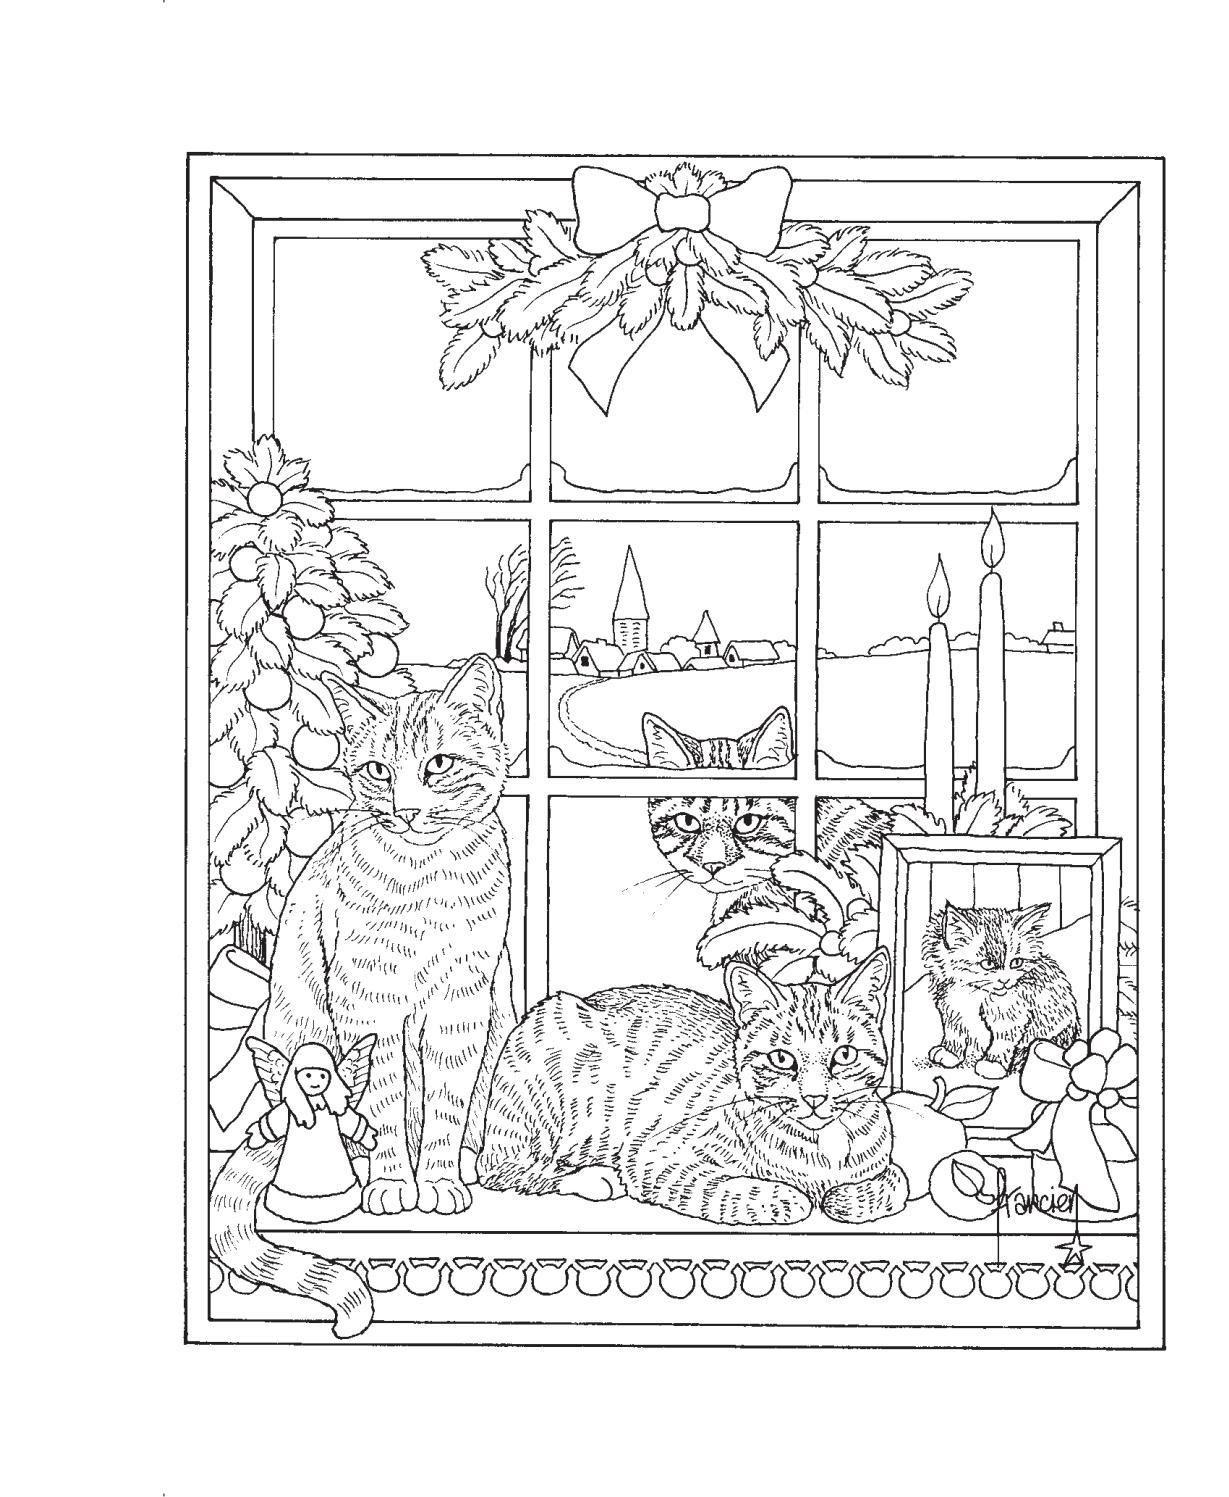 Franciens Katten Kerstkleurboek Om Te Versturen Francien Van Westering Dieren Kleurplaten Boek Bladzijden Kleuren Kleurplaten